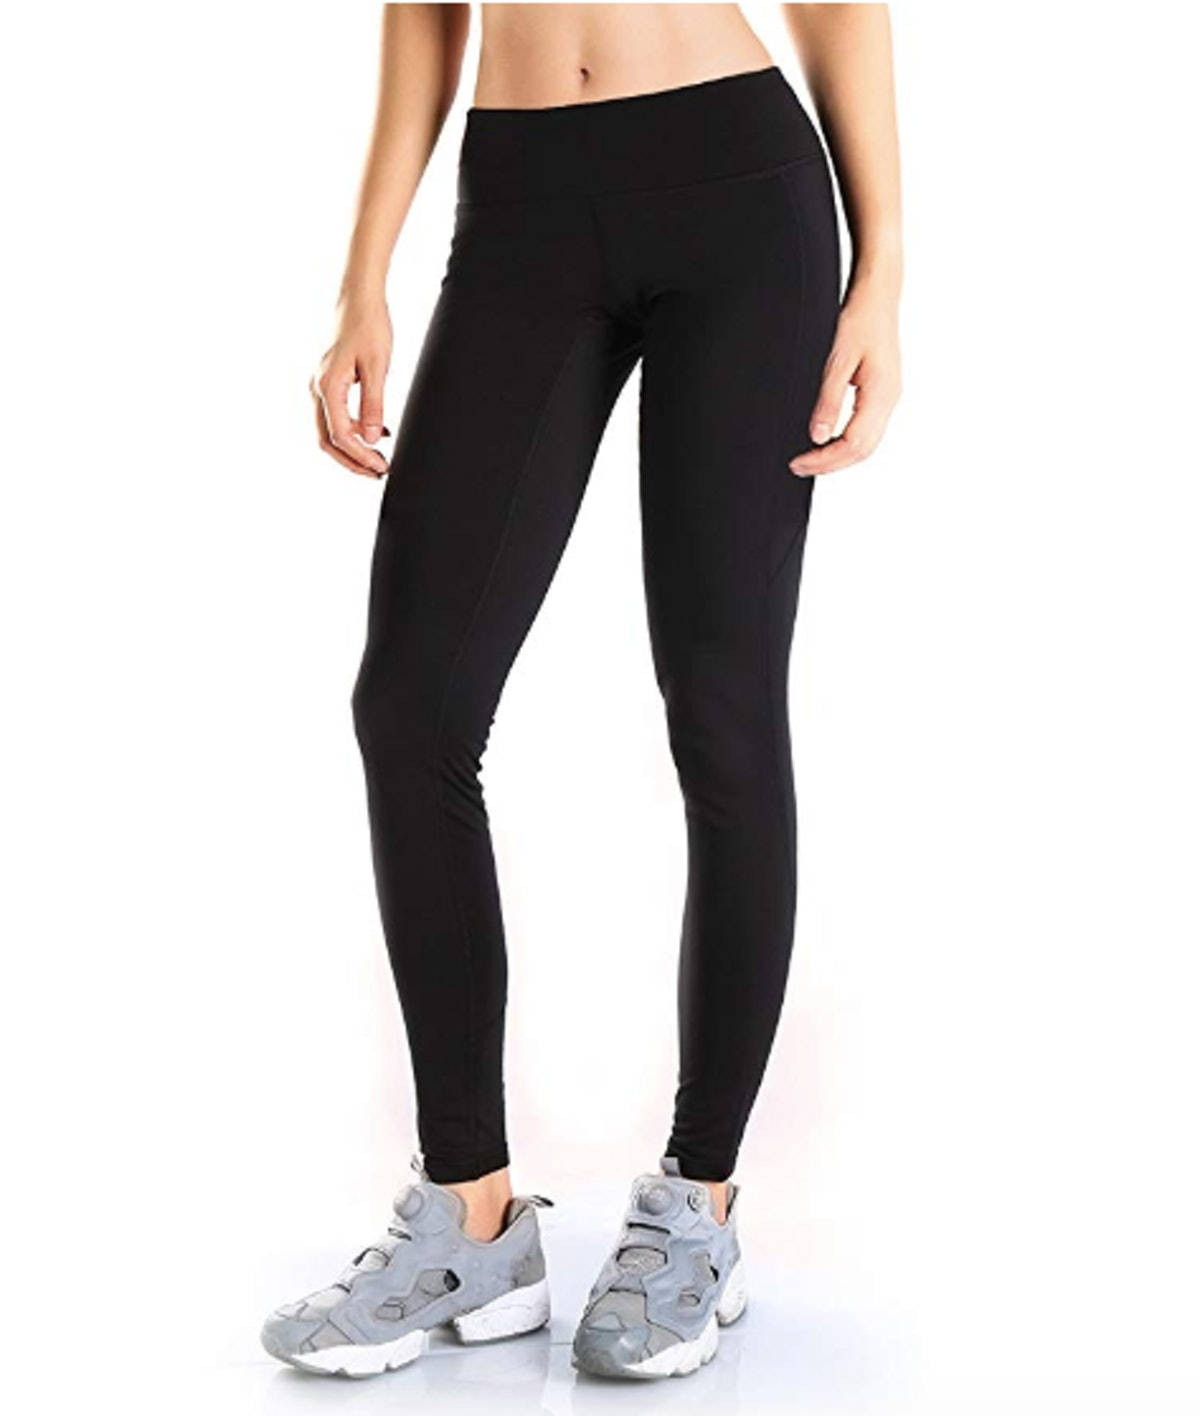 Yogipace  Women's Fleece Lined Leggings Yoga Pants